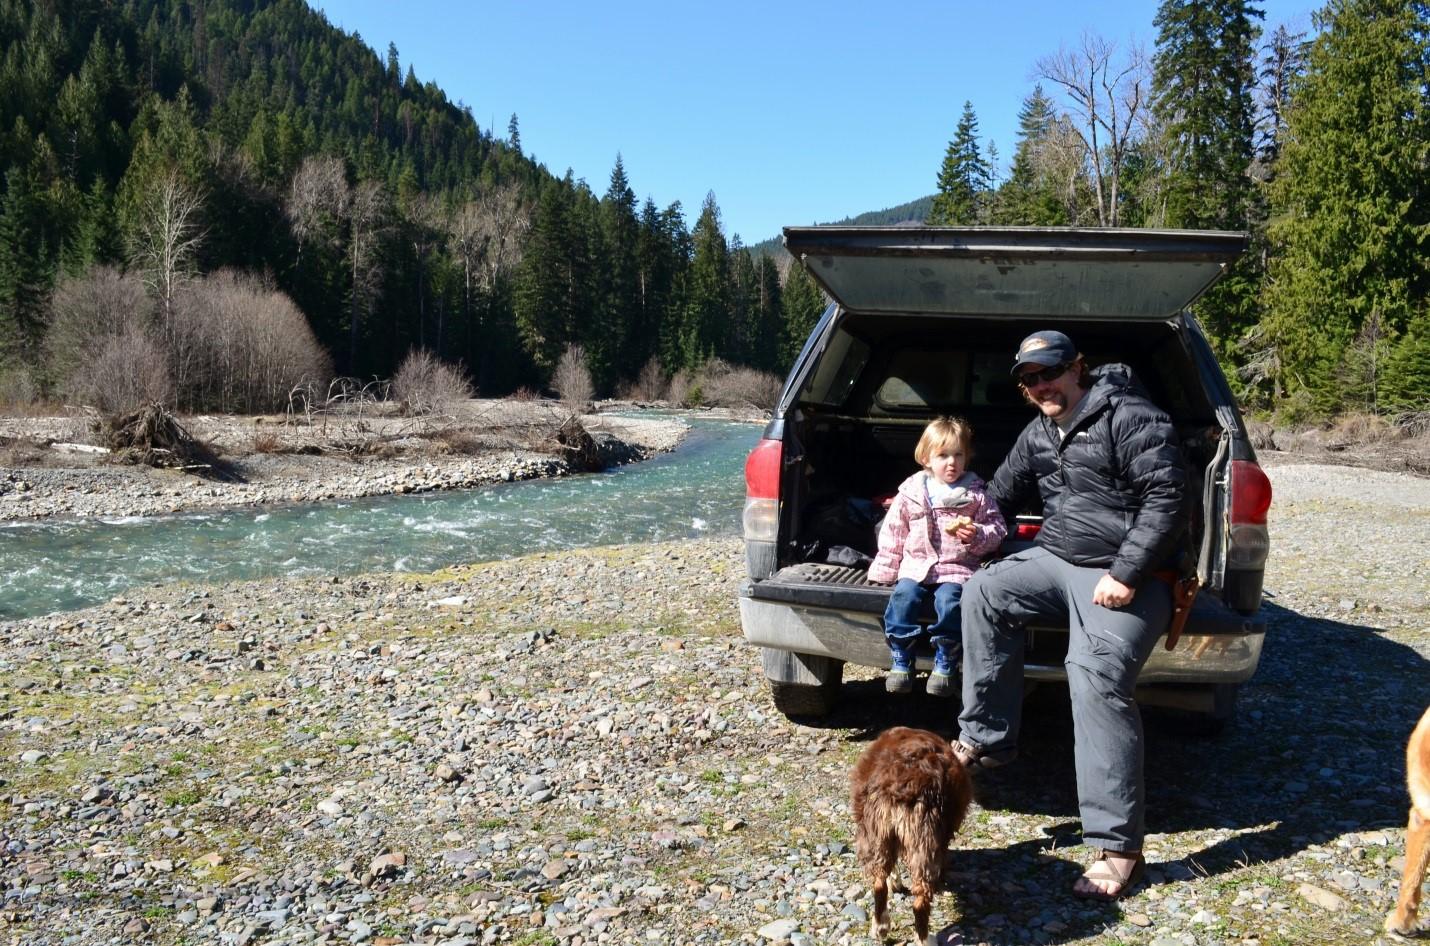 (photo courtesy of Montana Fishing Company)